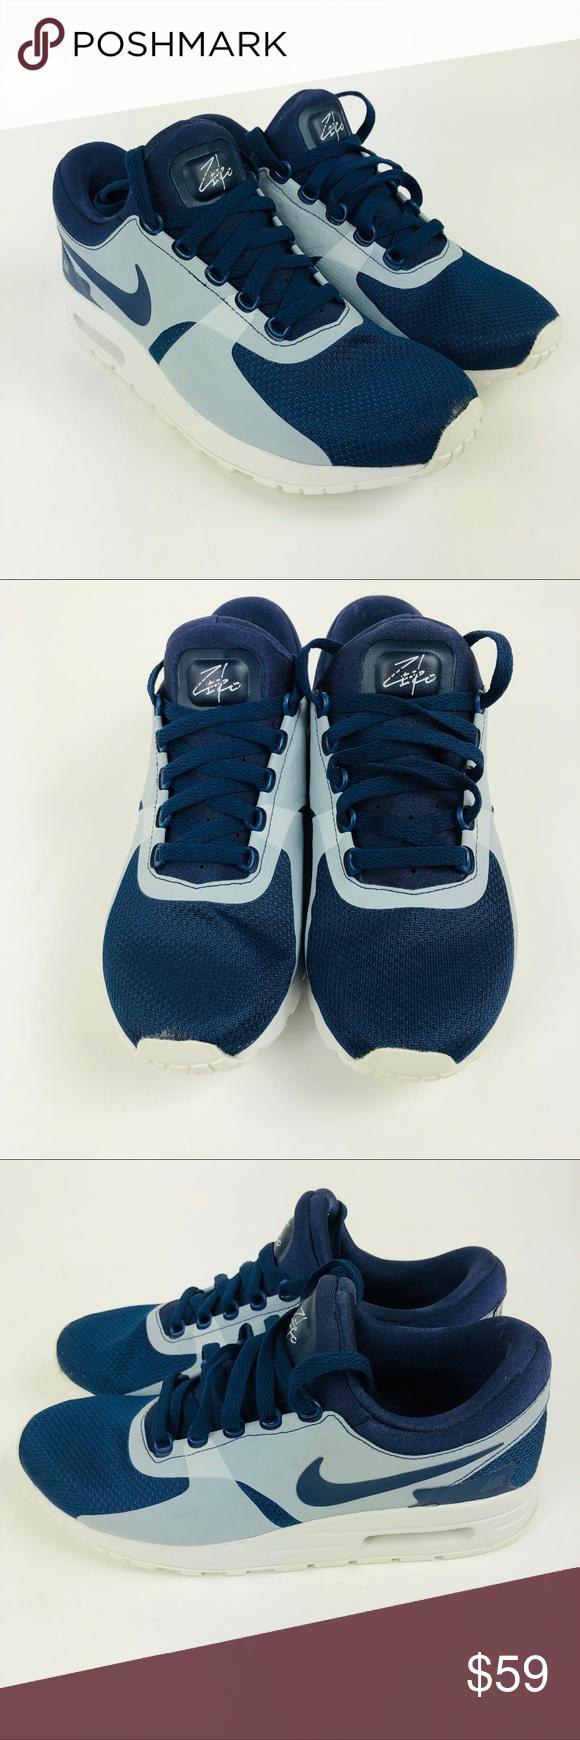 Nike Air Max Zero Essential GS 6.5Y Blue White New Nike Air